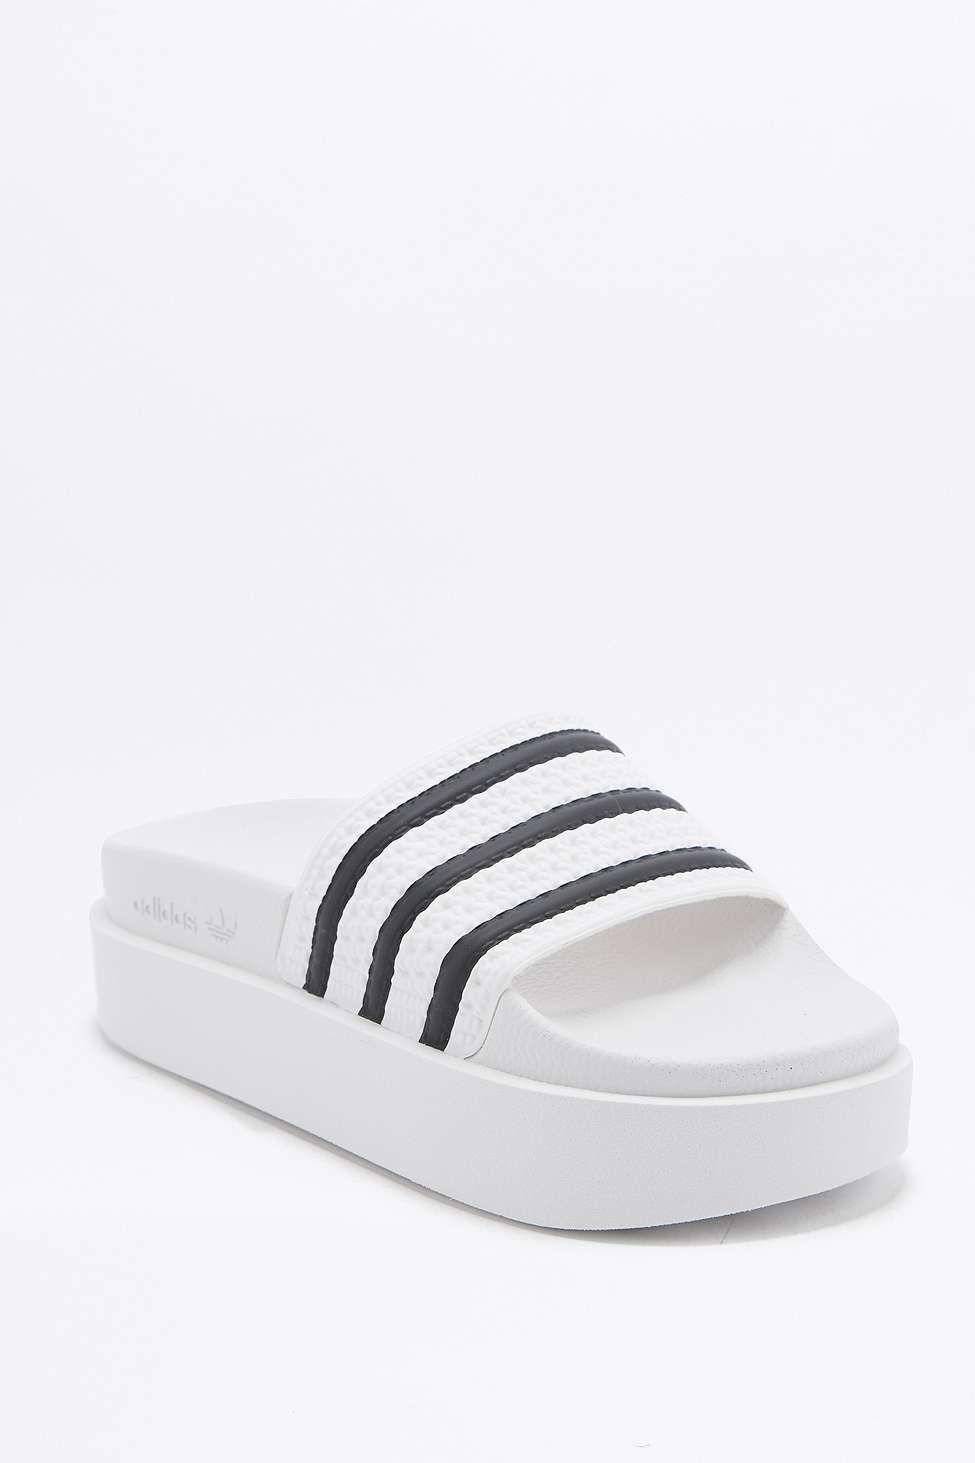 9c36c088c Adidas Originals Adilette платформы Белый бассейн слайдера - Urban  Outfitters